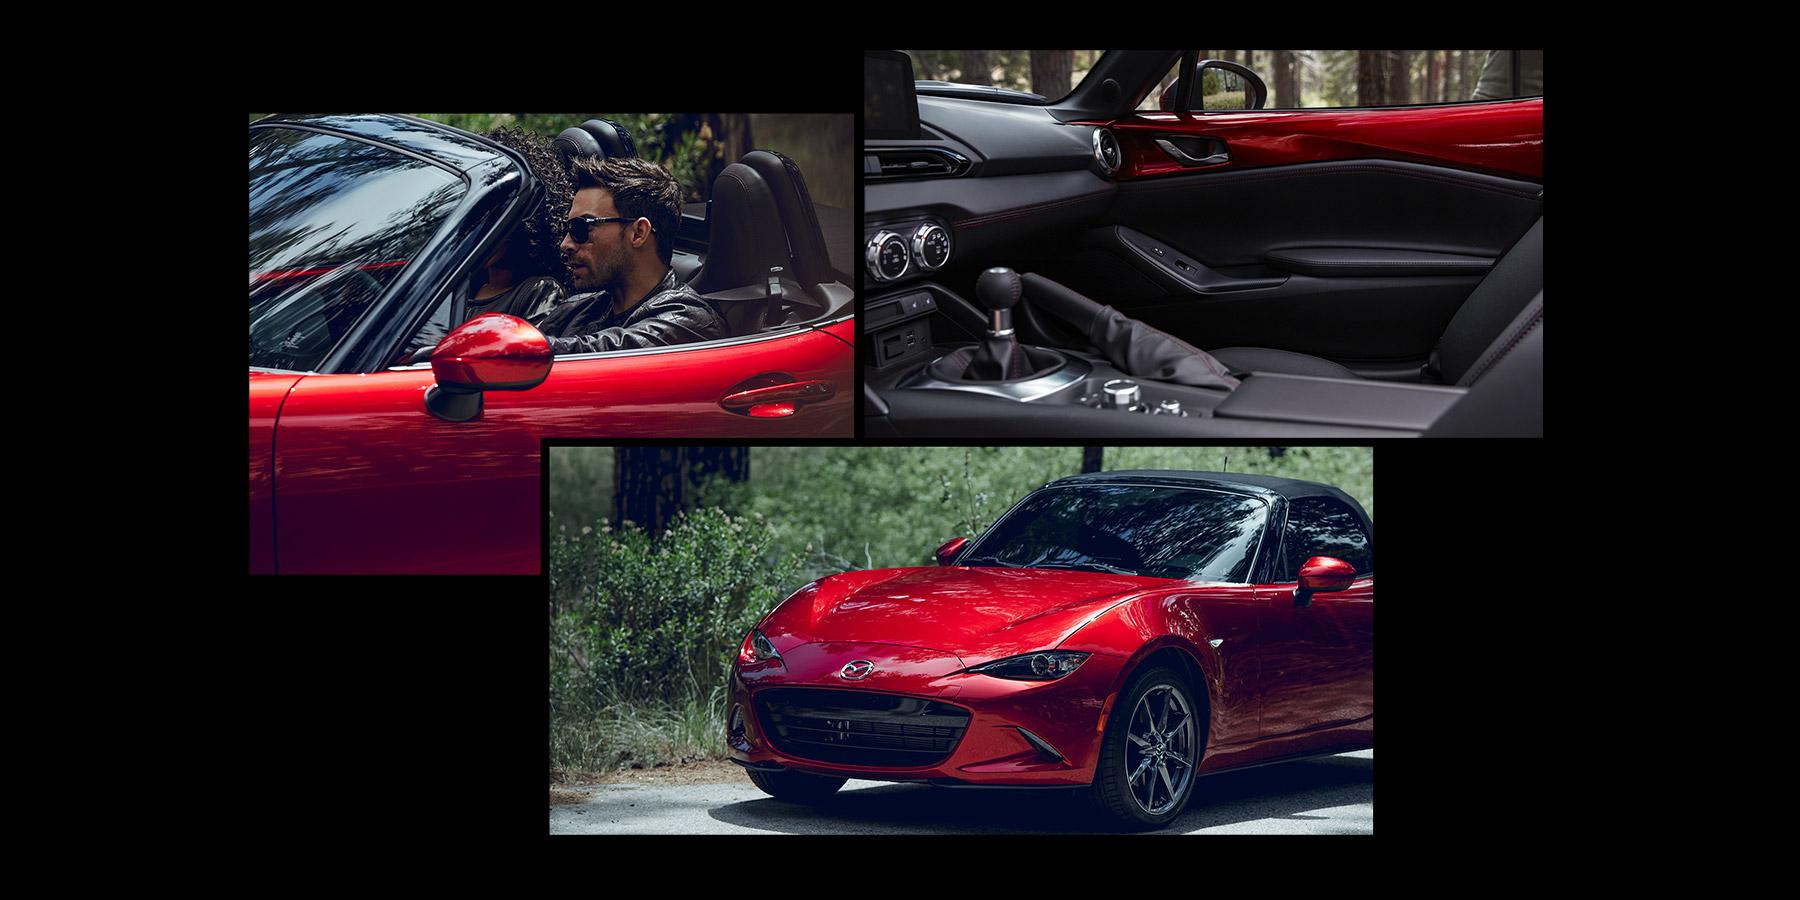 Charlotte Area - 2019 Mazda MX-5 Miata's Overview